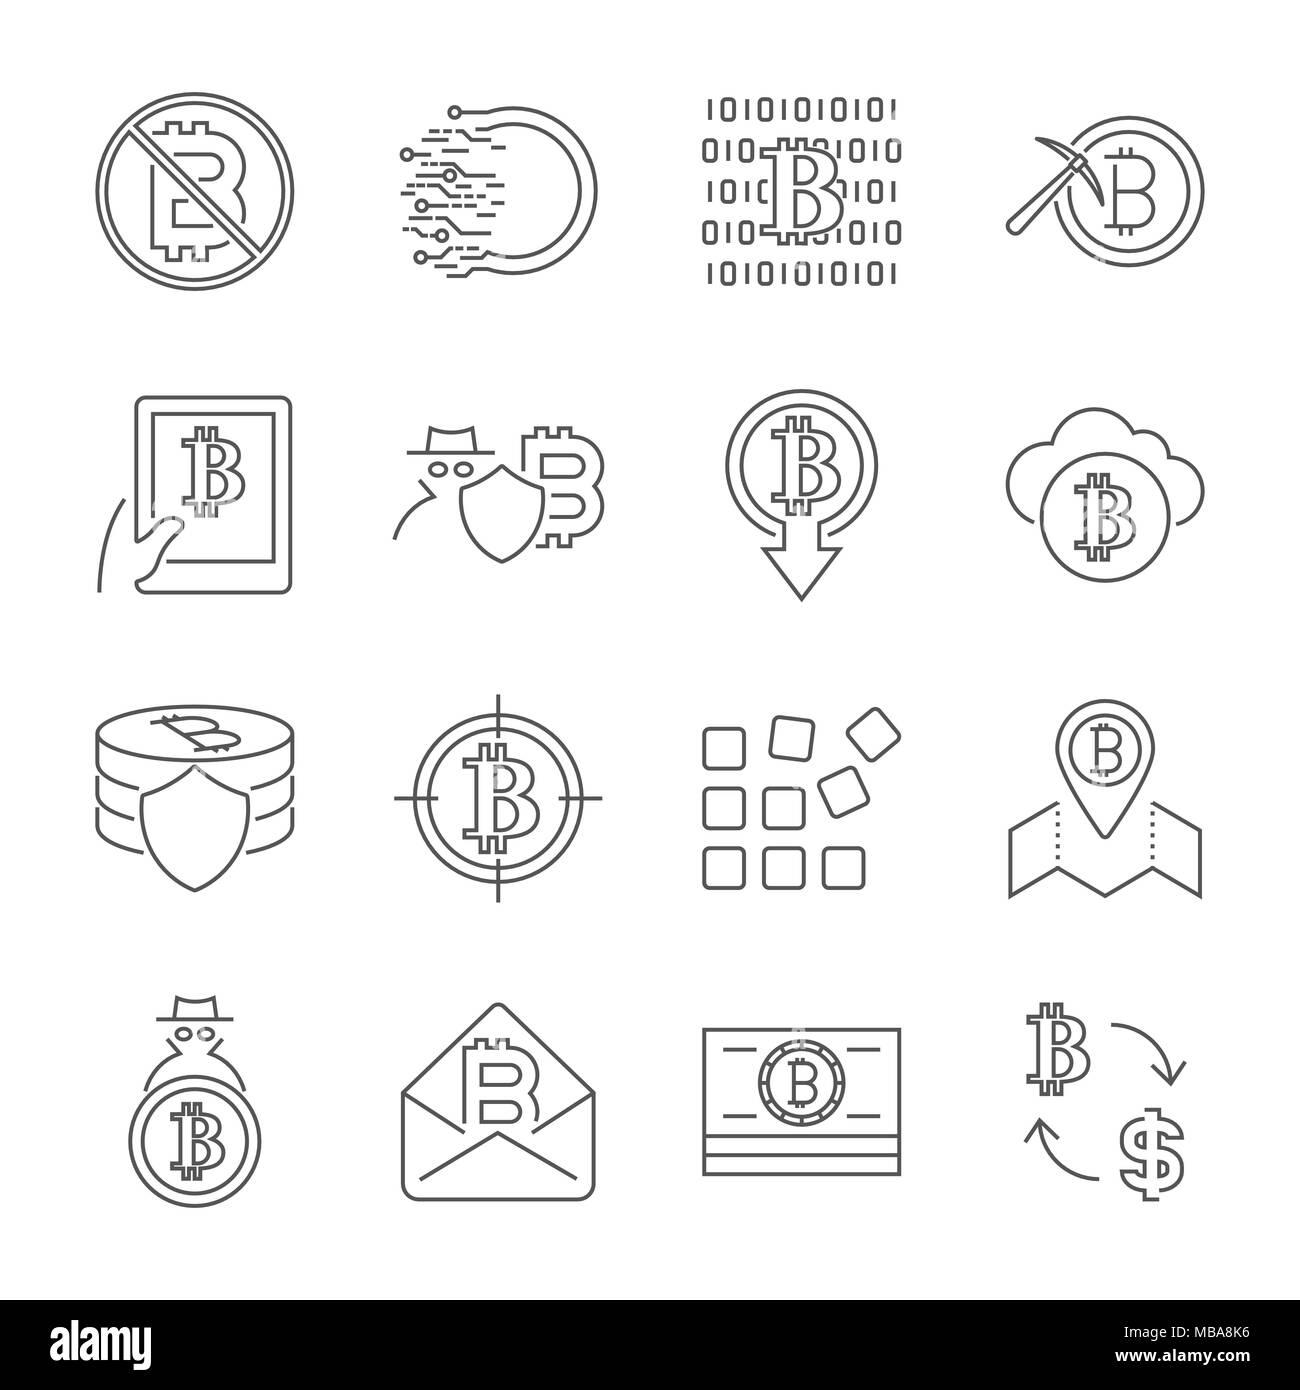 Blockchain Cryptocurrency Symbole. Moderne Computer Netzwerk Technologie Zeichen gesetzt. Digitale grafische Symbol Collection. Bitcoin Bergbau. Konzept Design Elemente. Stock Vektor